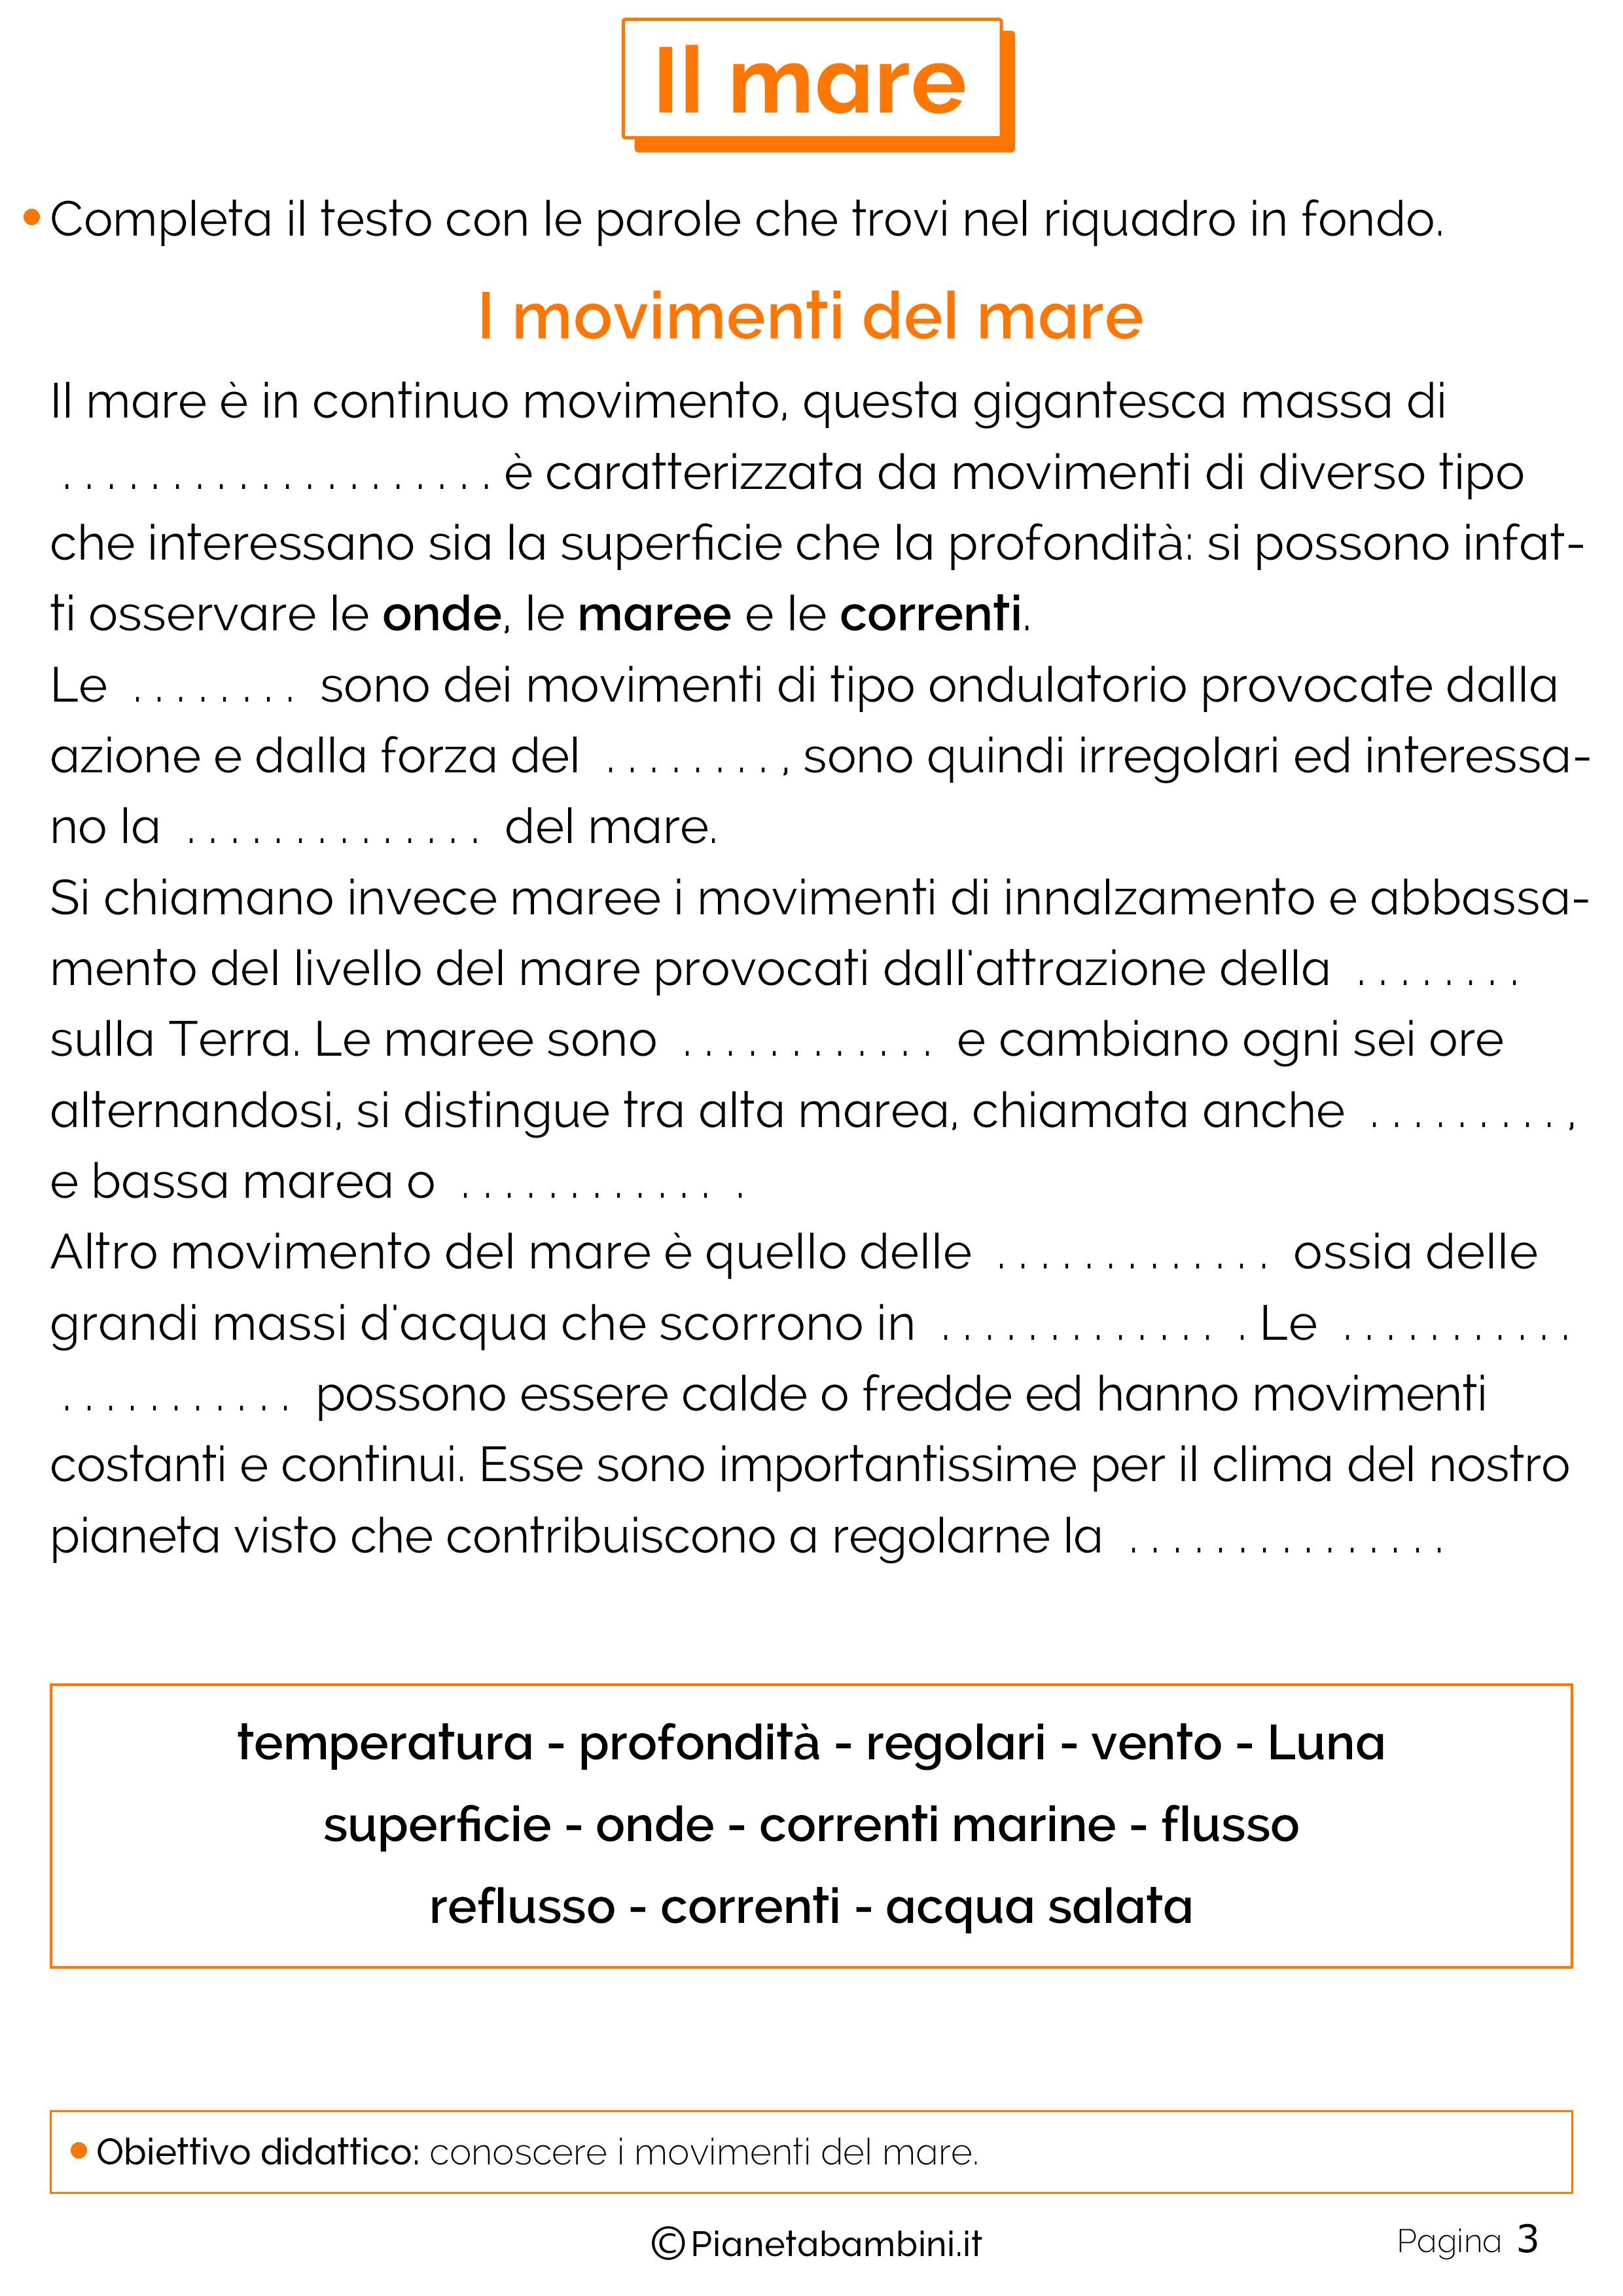 Preferenza Il Mare: Schede Didattiche per la Scuola Primaria | PianetaBambini.it QG32